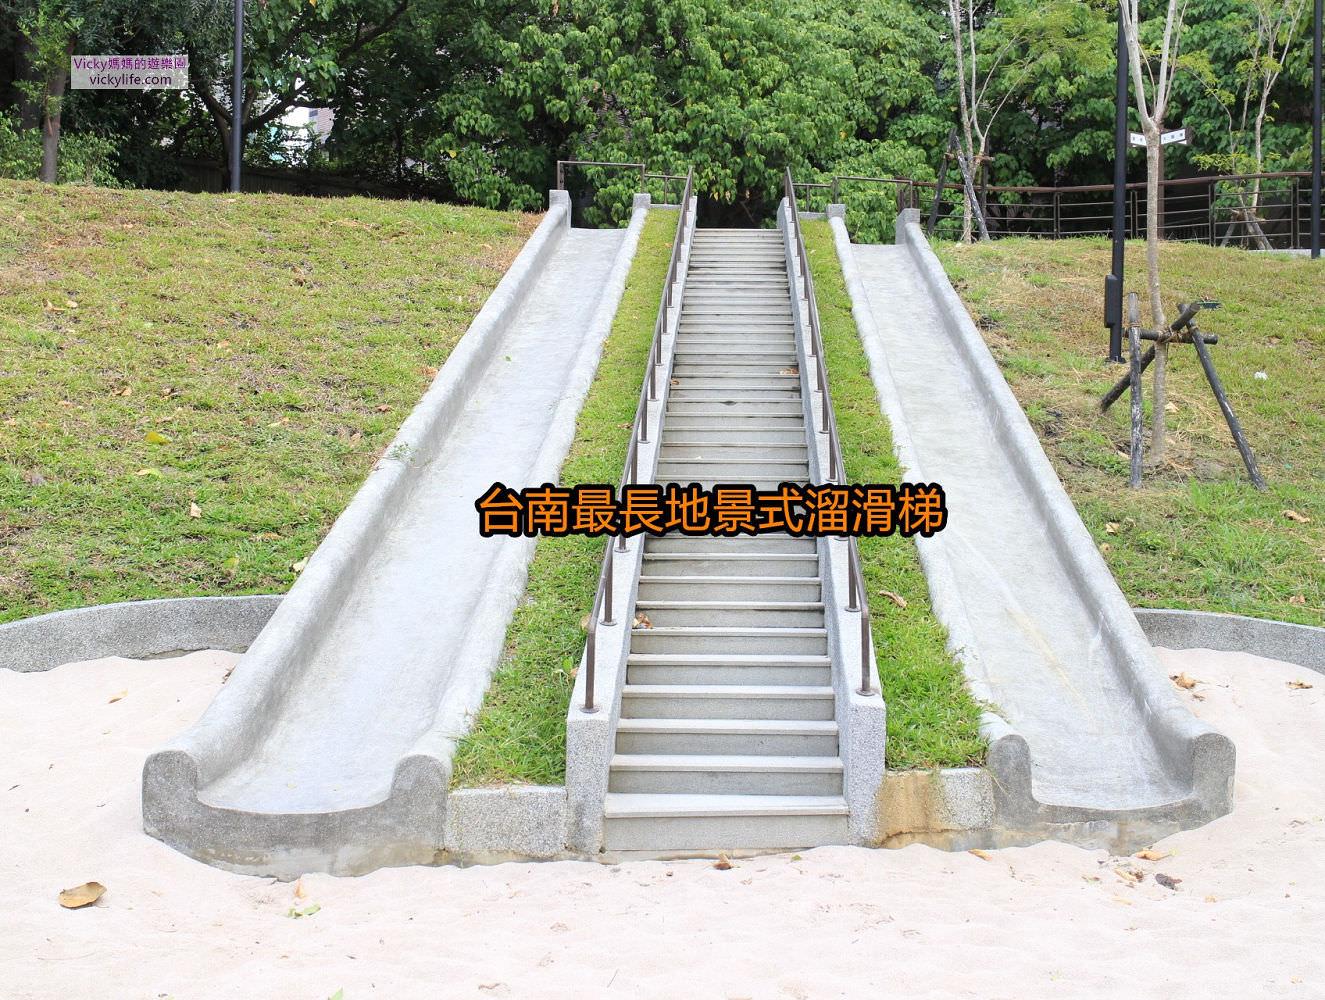 台南特色公園︱永康公七公園、祥合公園:設有台南最長地景式溜滑梯,文末附嘉義、台南、高雄特色公園